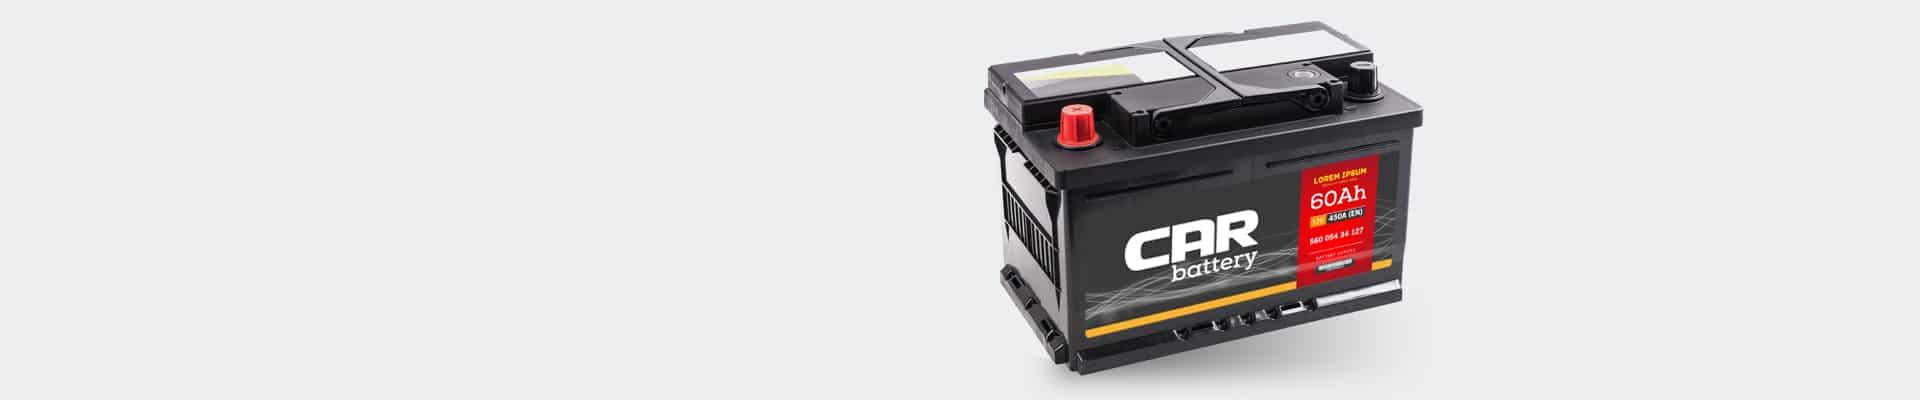 Crown Labels Case Studies Car Battery